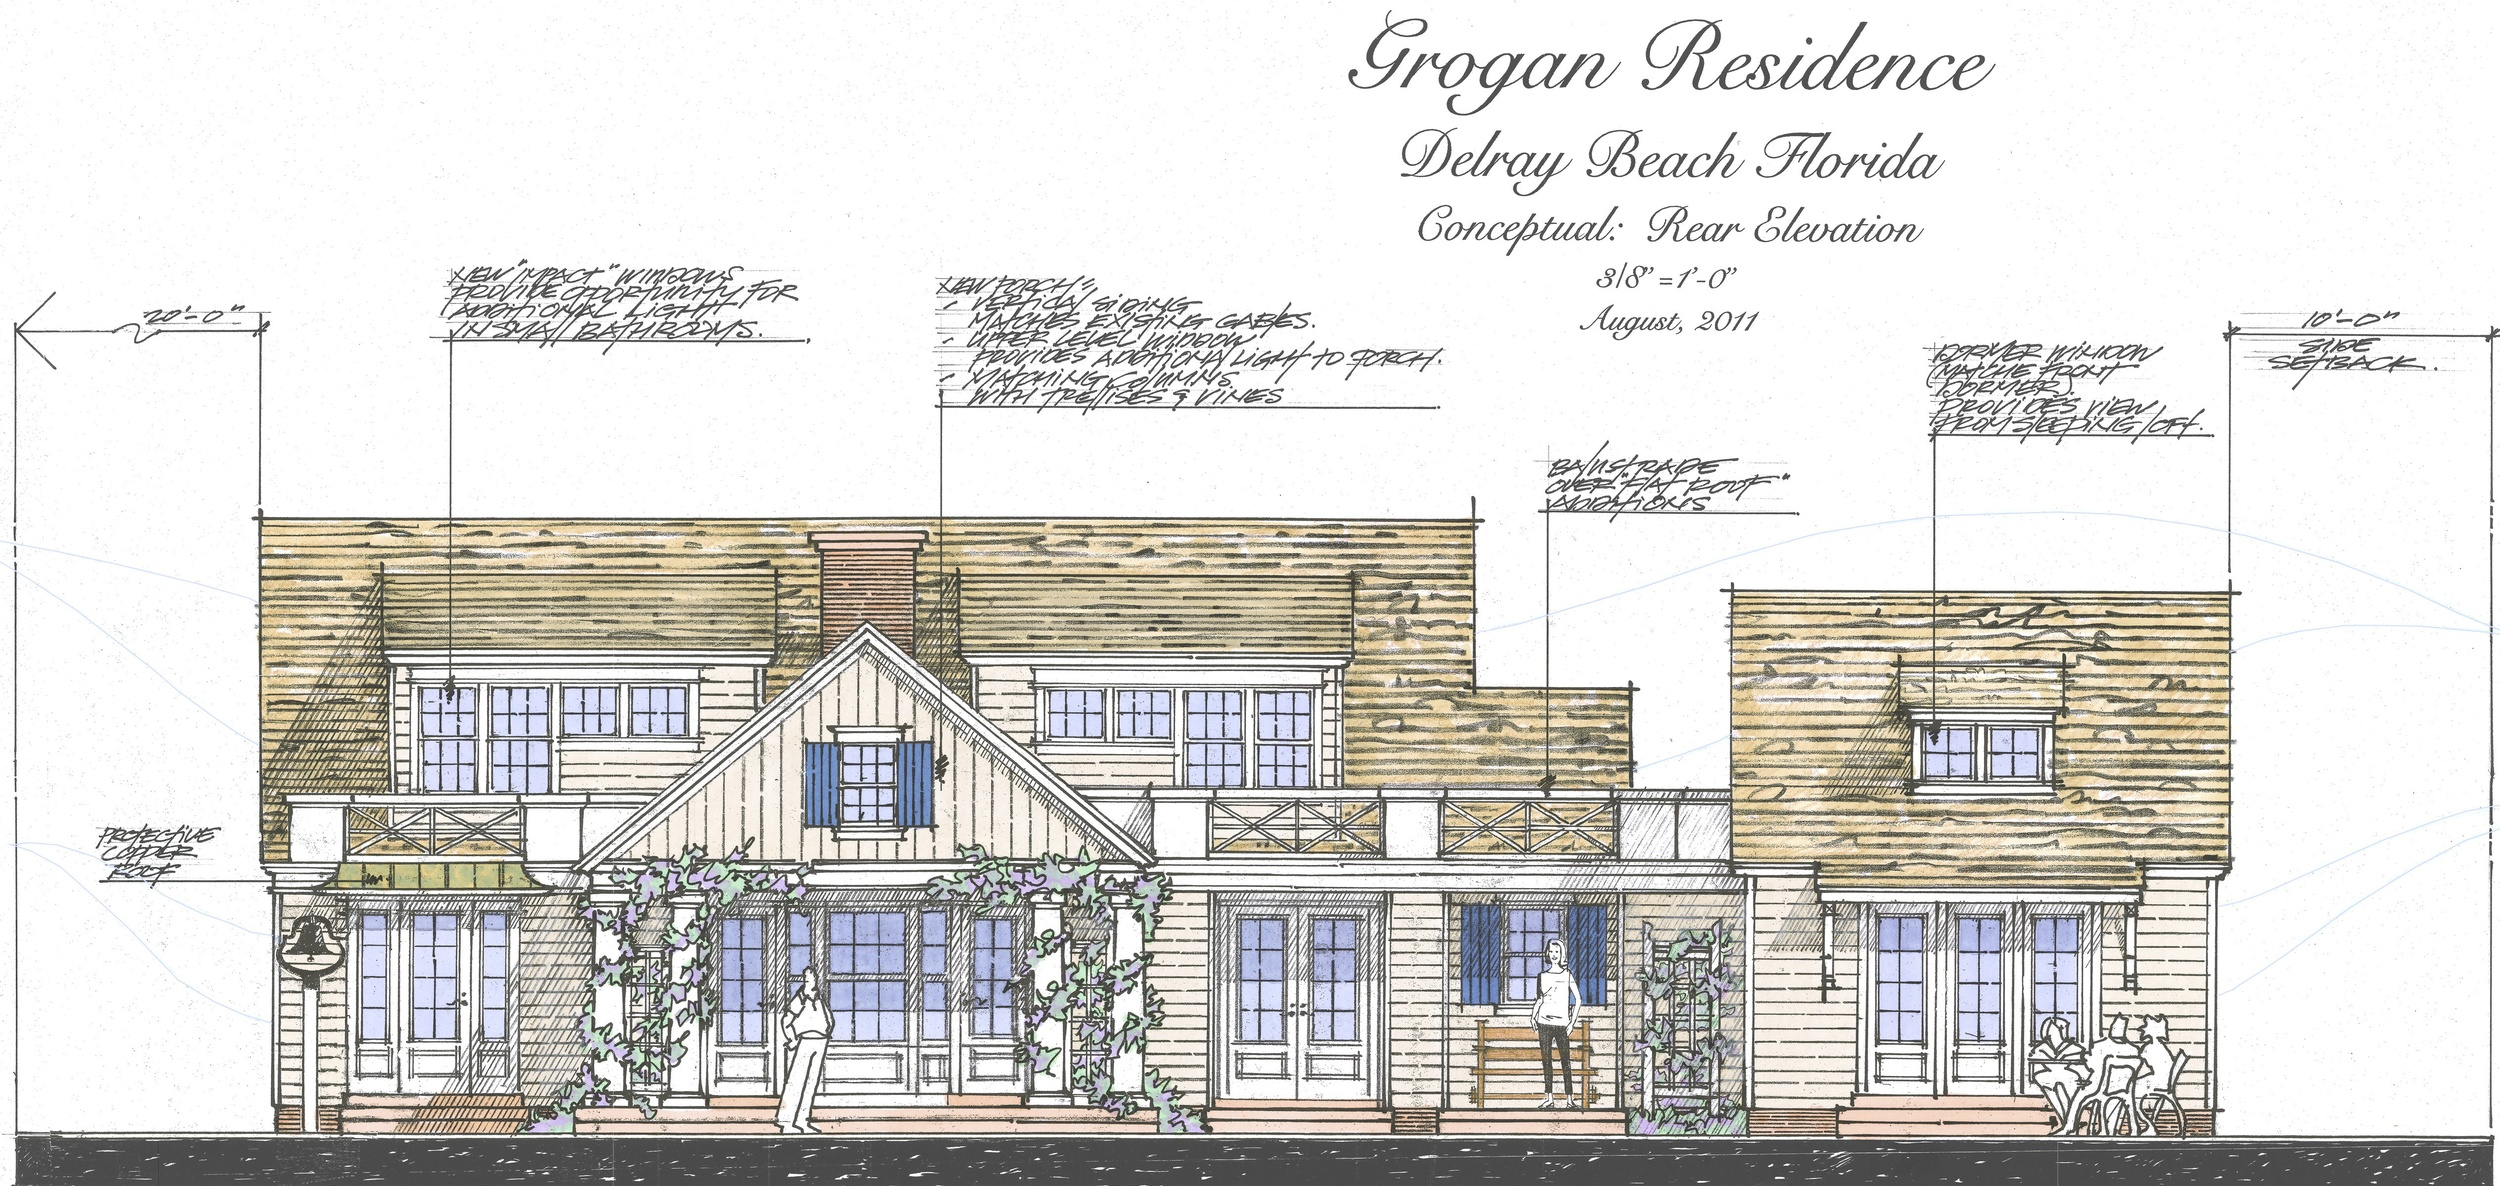 Grogan Residence.jpg